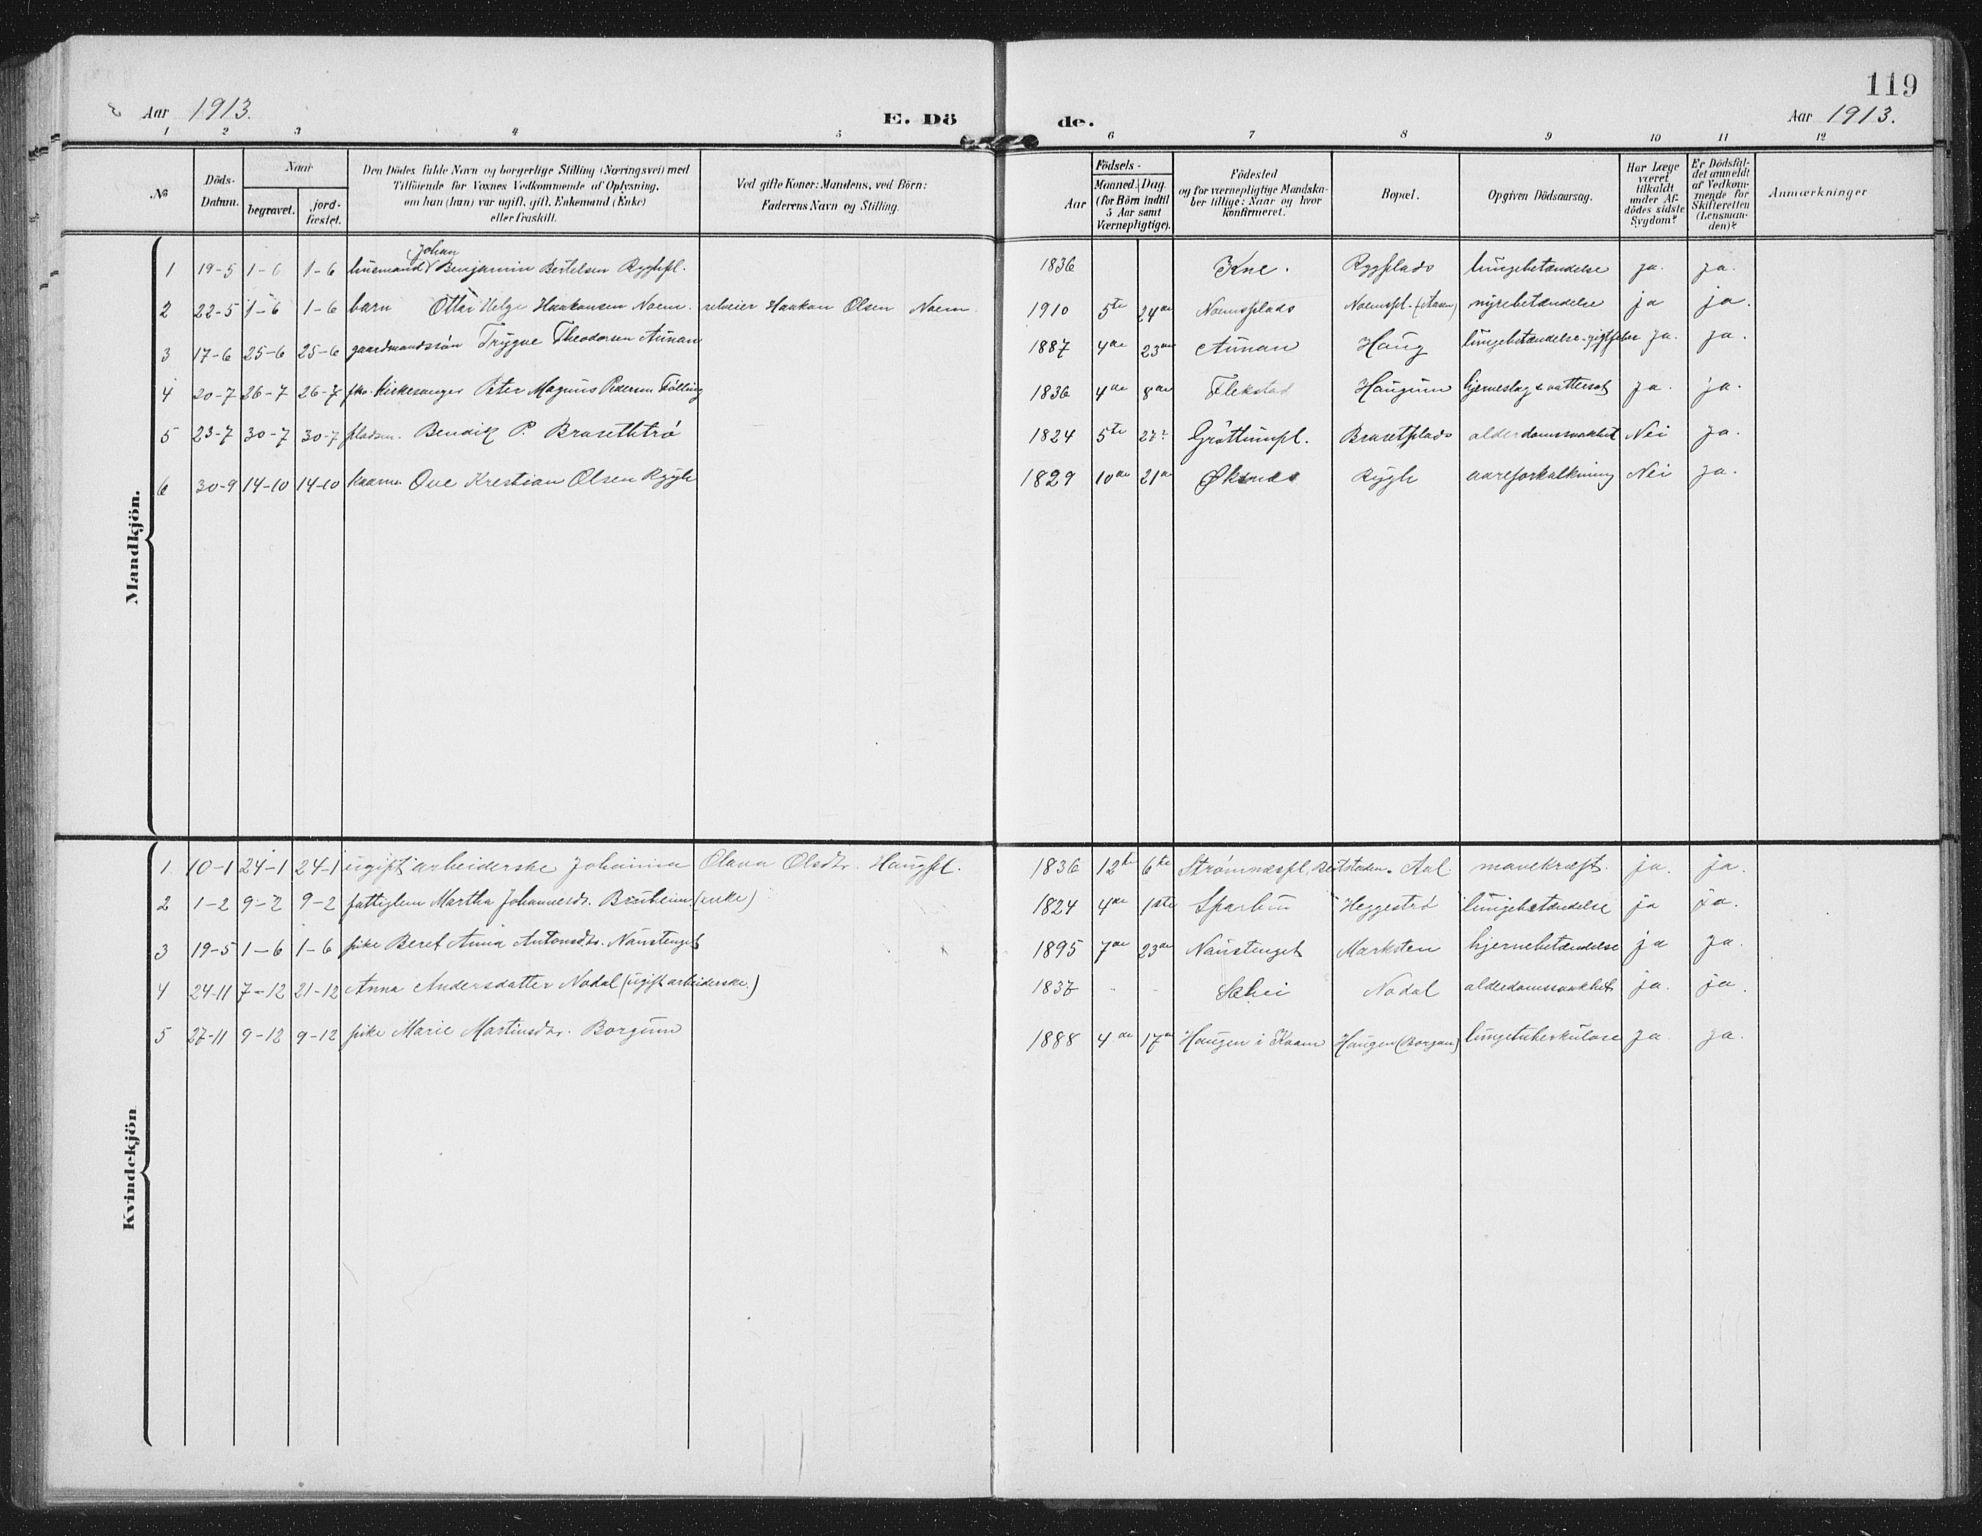 SAT, Ministerialprotokoller, klokkerbøker og fødselsregistre - Nord-Trøndelag, 747/L0460: Klokkerbok nr. 747C02, 1908-1939, s. 119